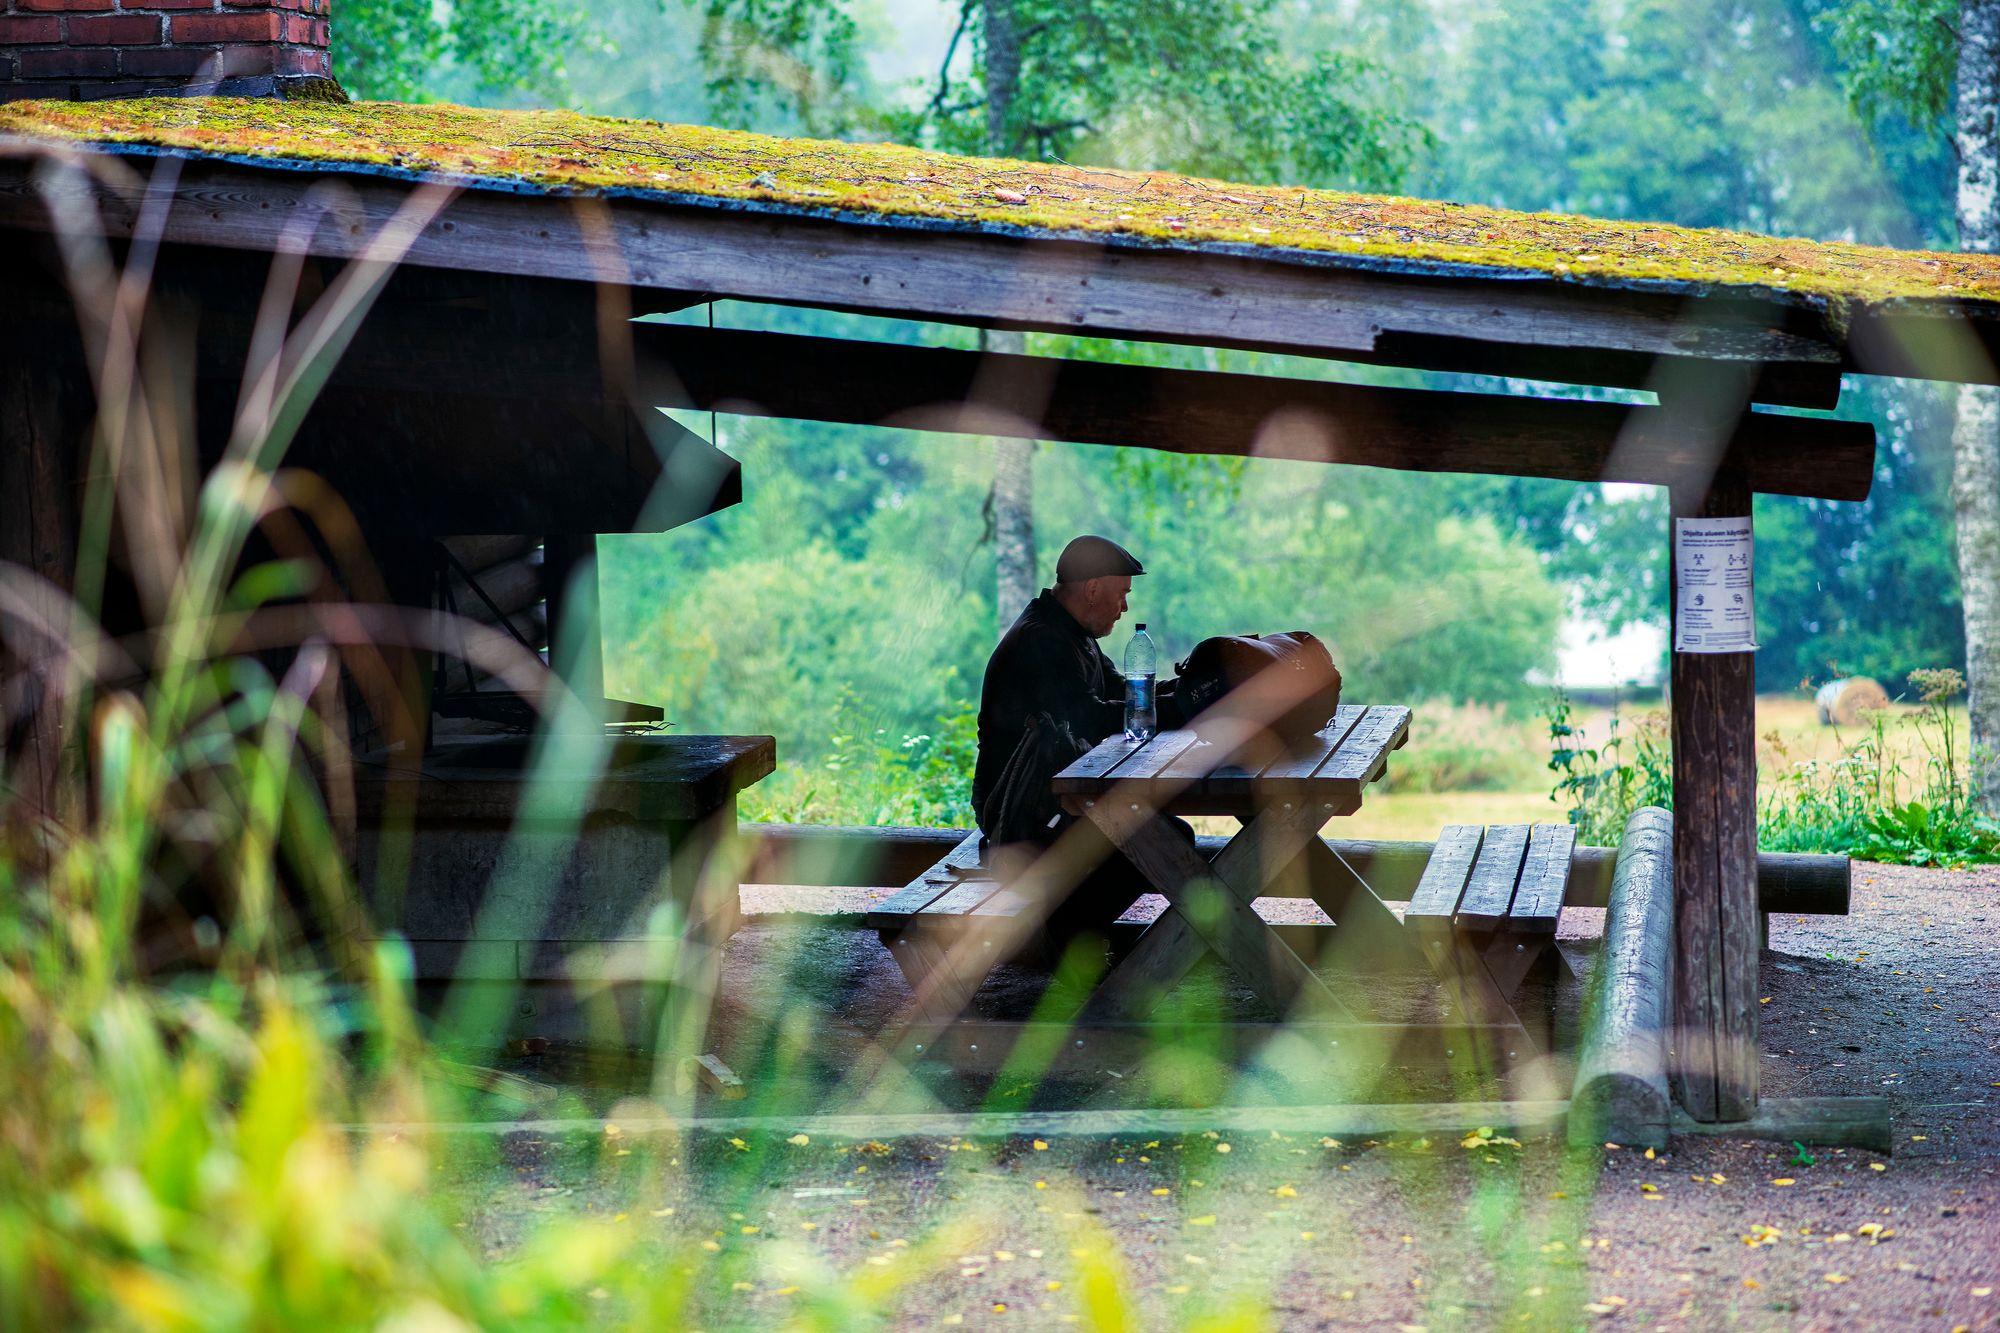 Keittokatoksen suojissa kelpasi lukea ja kuunnella sateen ropinaa. Taivasalla vietetyn yön jälkeen katos tuntui paikalta, jossa voisi olla päiväkausia. © Sampo Korhonen